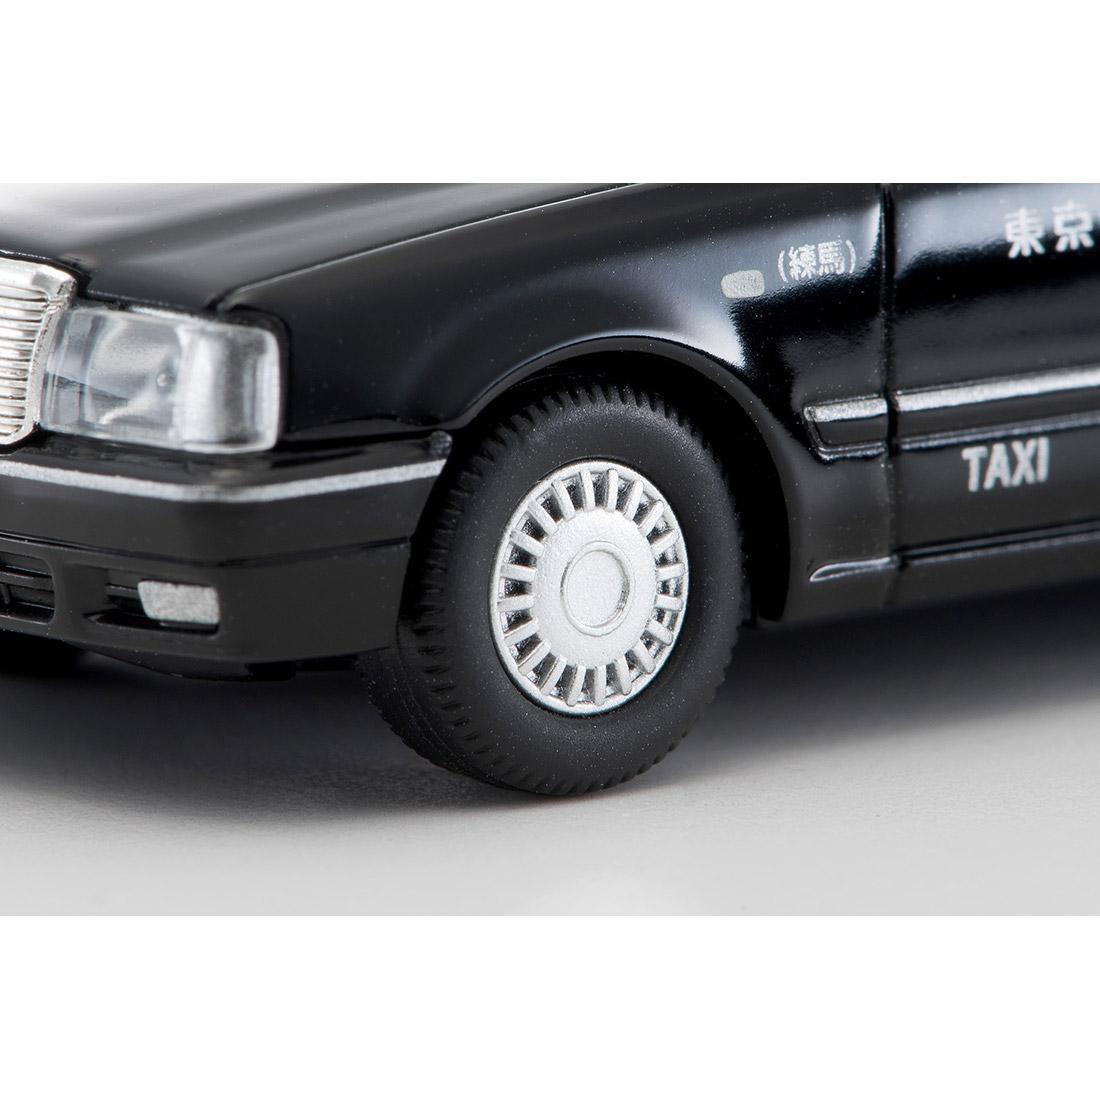 トミカリミテッド ヴィンテージ ネオ TLV-NEO『LV-N218a トヨタ クラウンコンフォート 東京無線タクシー(緑)』1/64 ミニカー-015